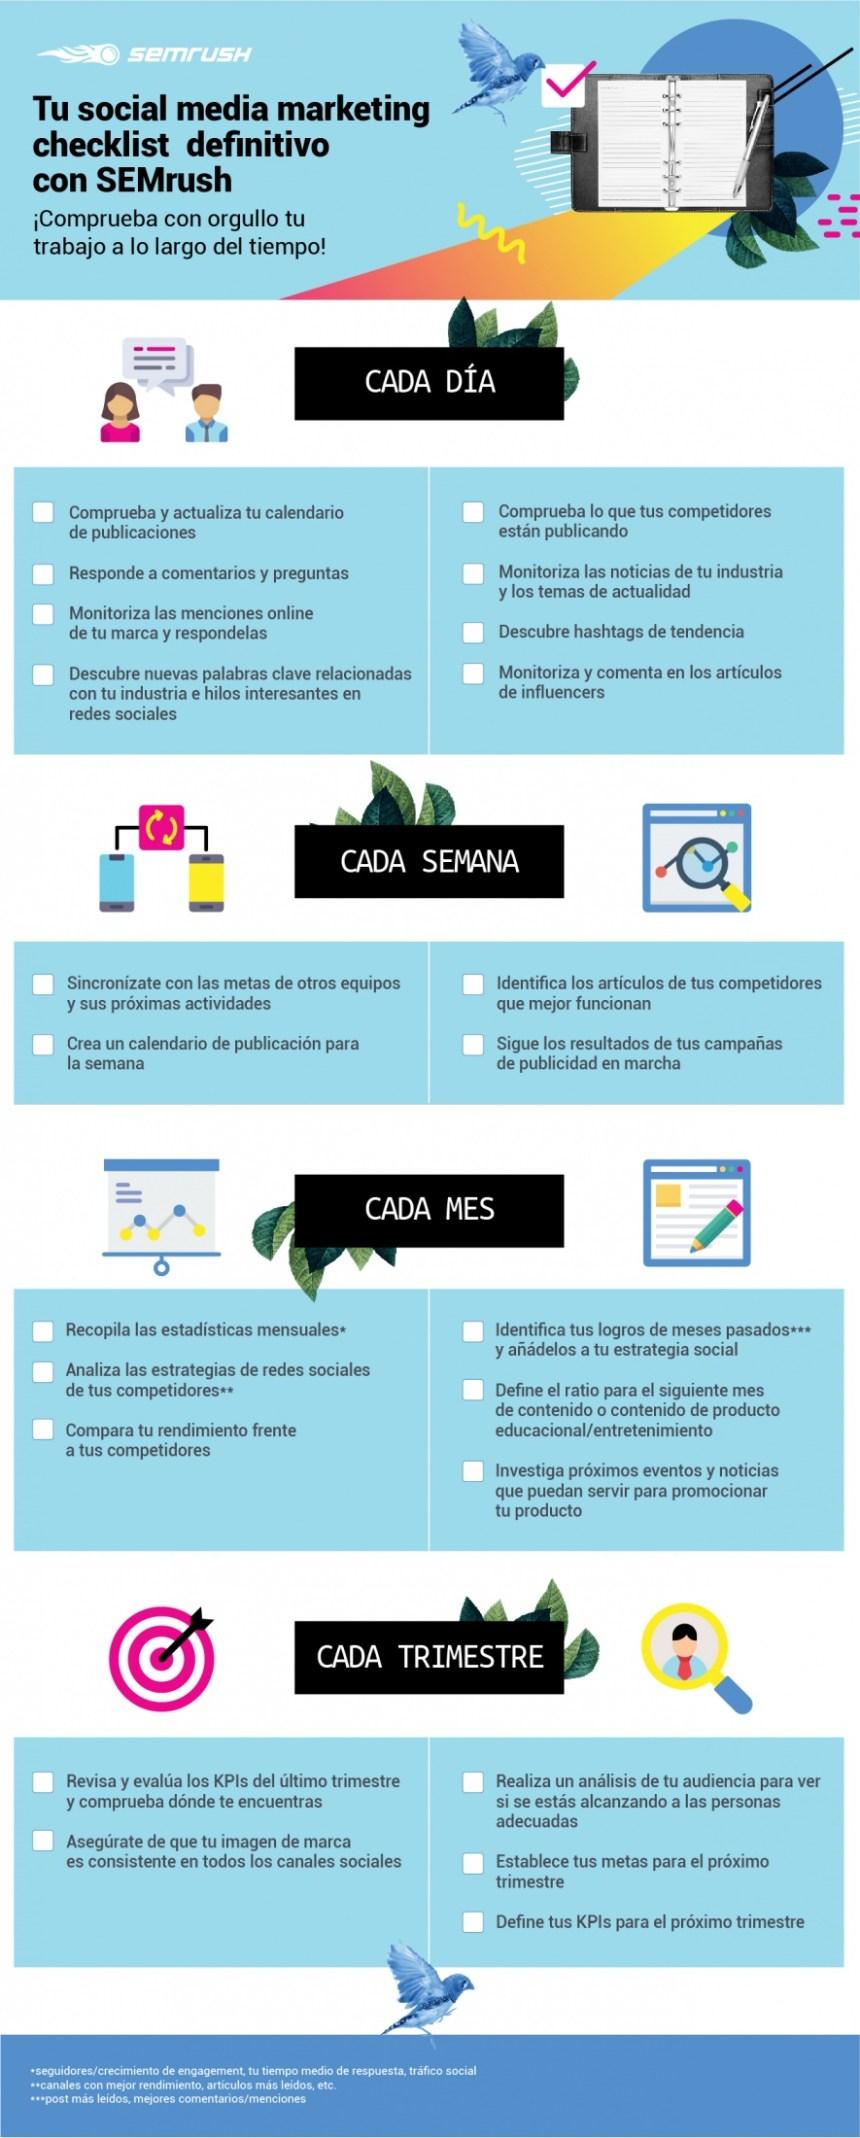 TICs y Formación - Blog personal de Alfredo Vela , en él encontrarás información sobre Social Media, Marketing, Formación y TICs, sobre todo en formato de infografía.